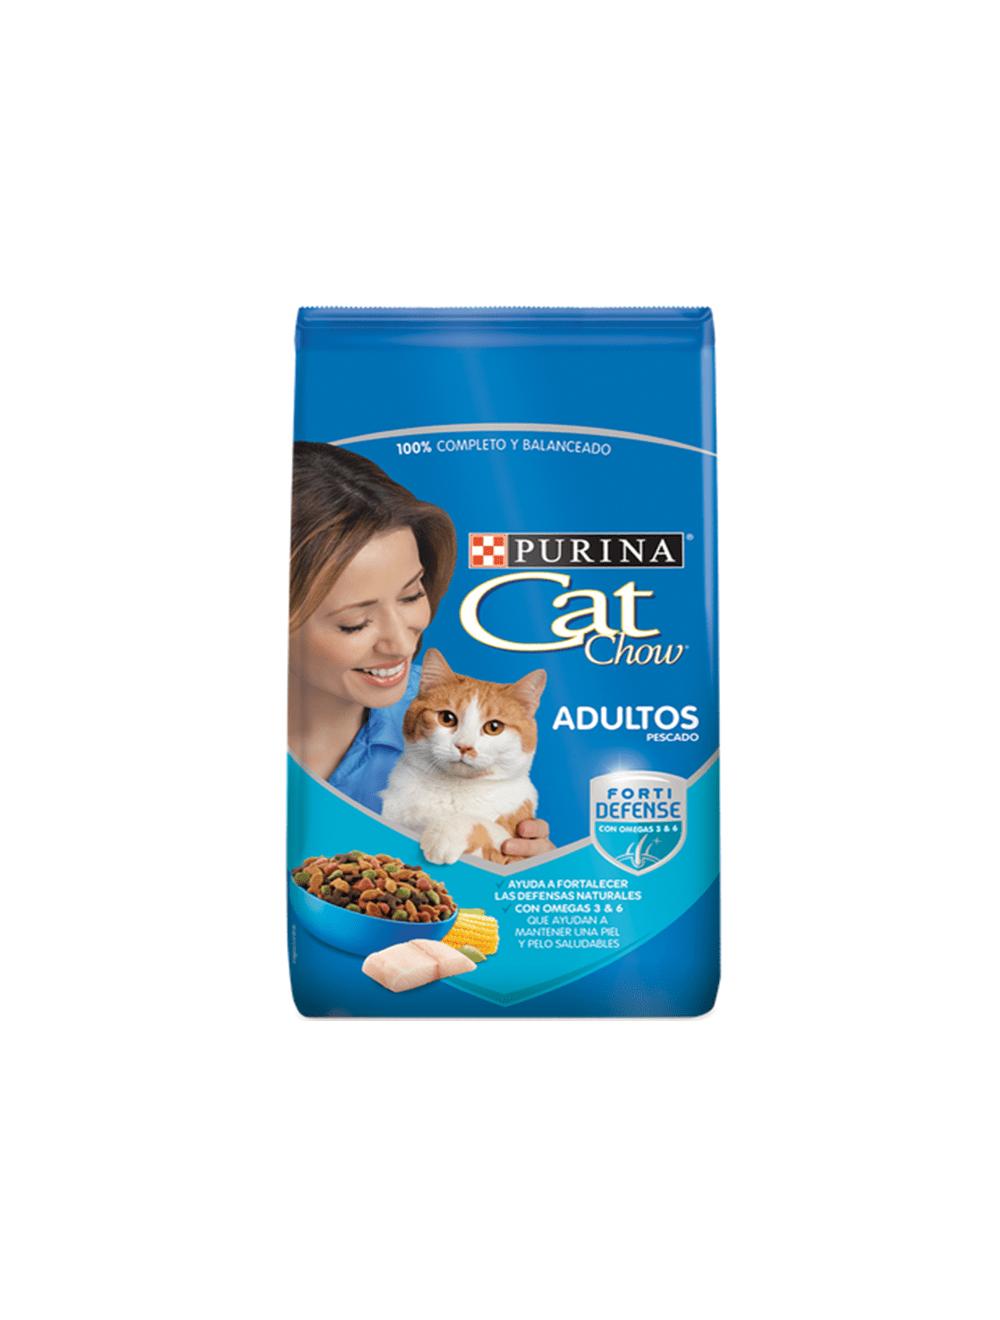 Comida para Gatos Cat Chow Adultos Pescado-Ciudaddemascotas.com